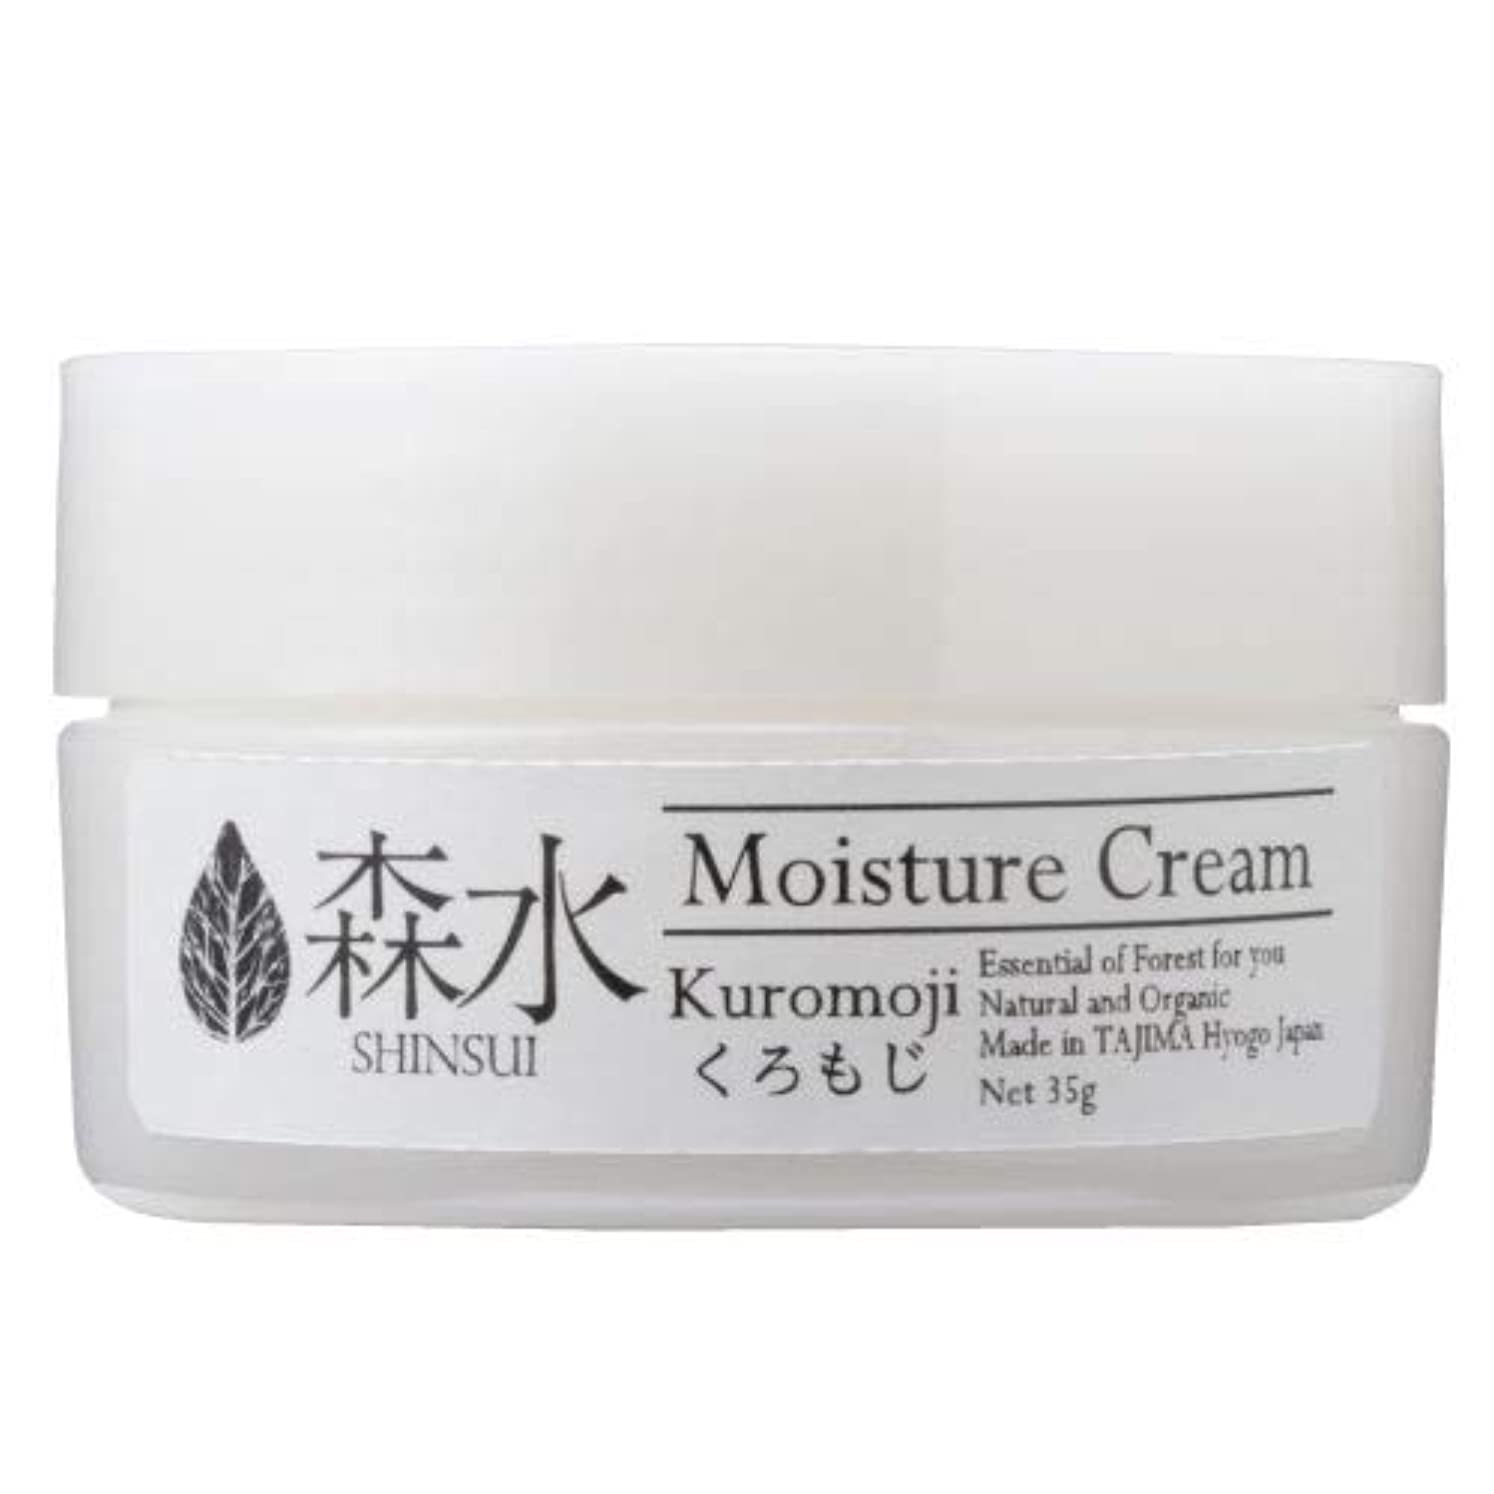 疲労誘惑記念碑森水-SHINSUI シンスイ-くろもじクリーム(Kuromoji Moisture Cream)35g